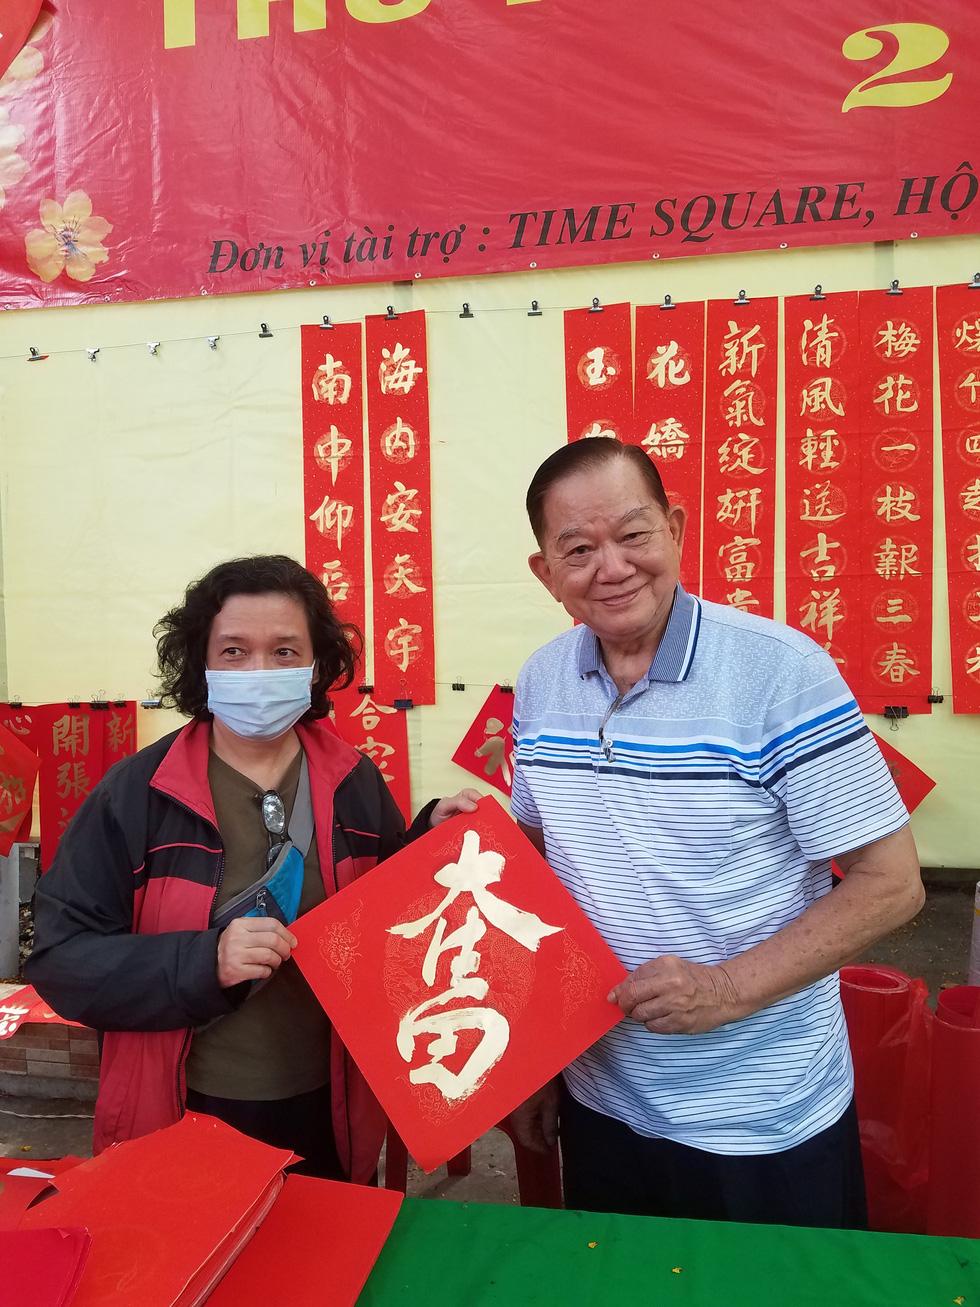 Thư pháp gia người Hoa cho chữ năm mới cầu mong dịch bệnh tiêu trừ - Ảnh 8.